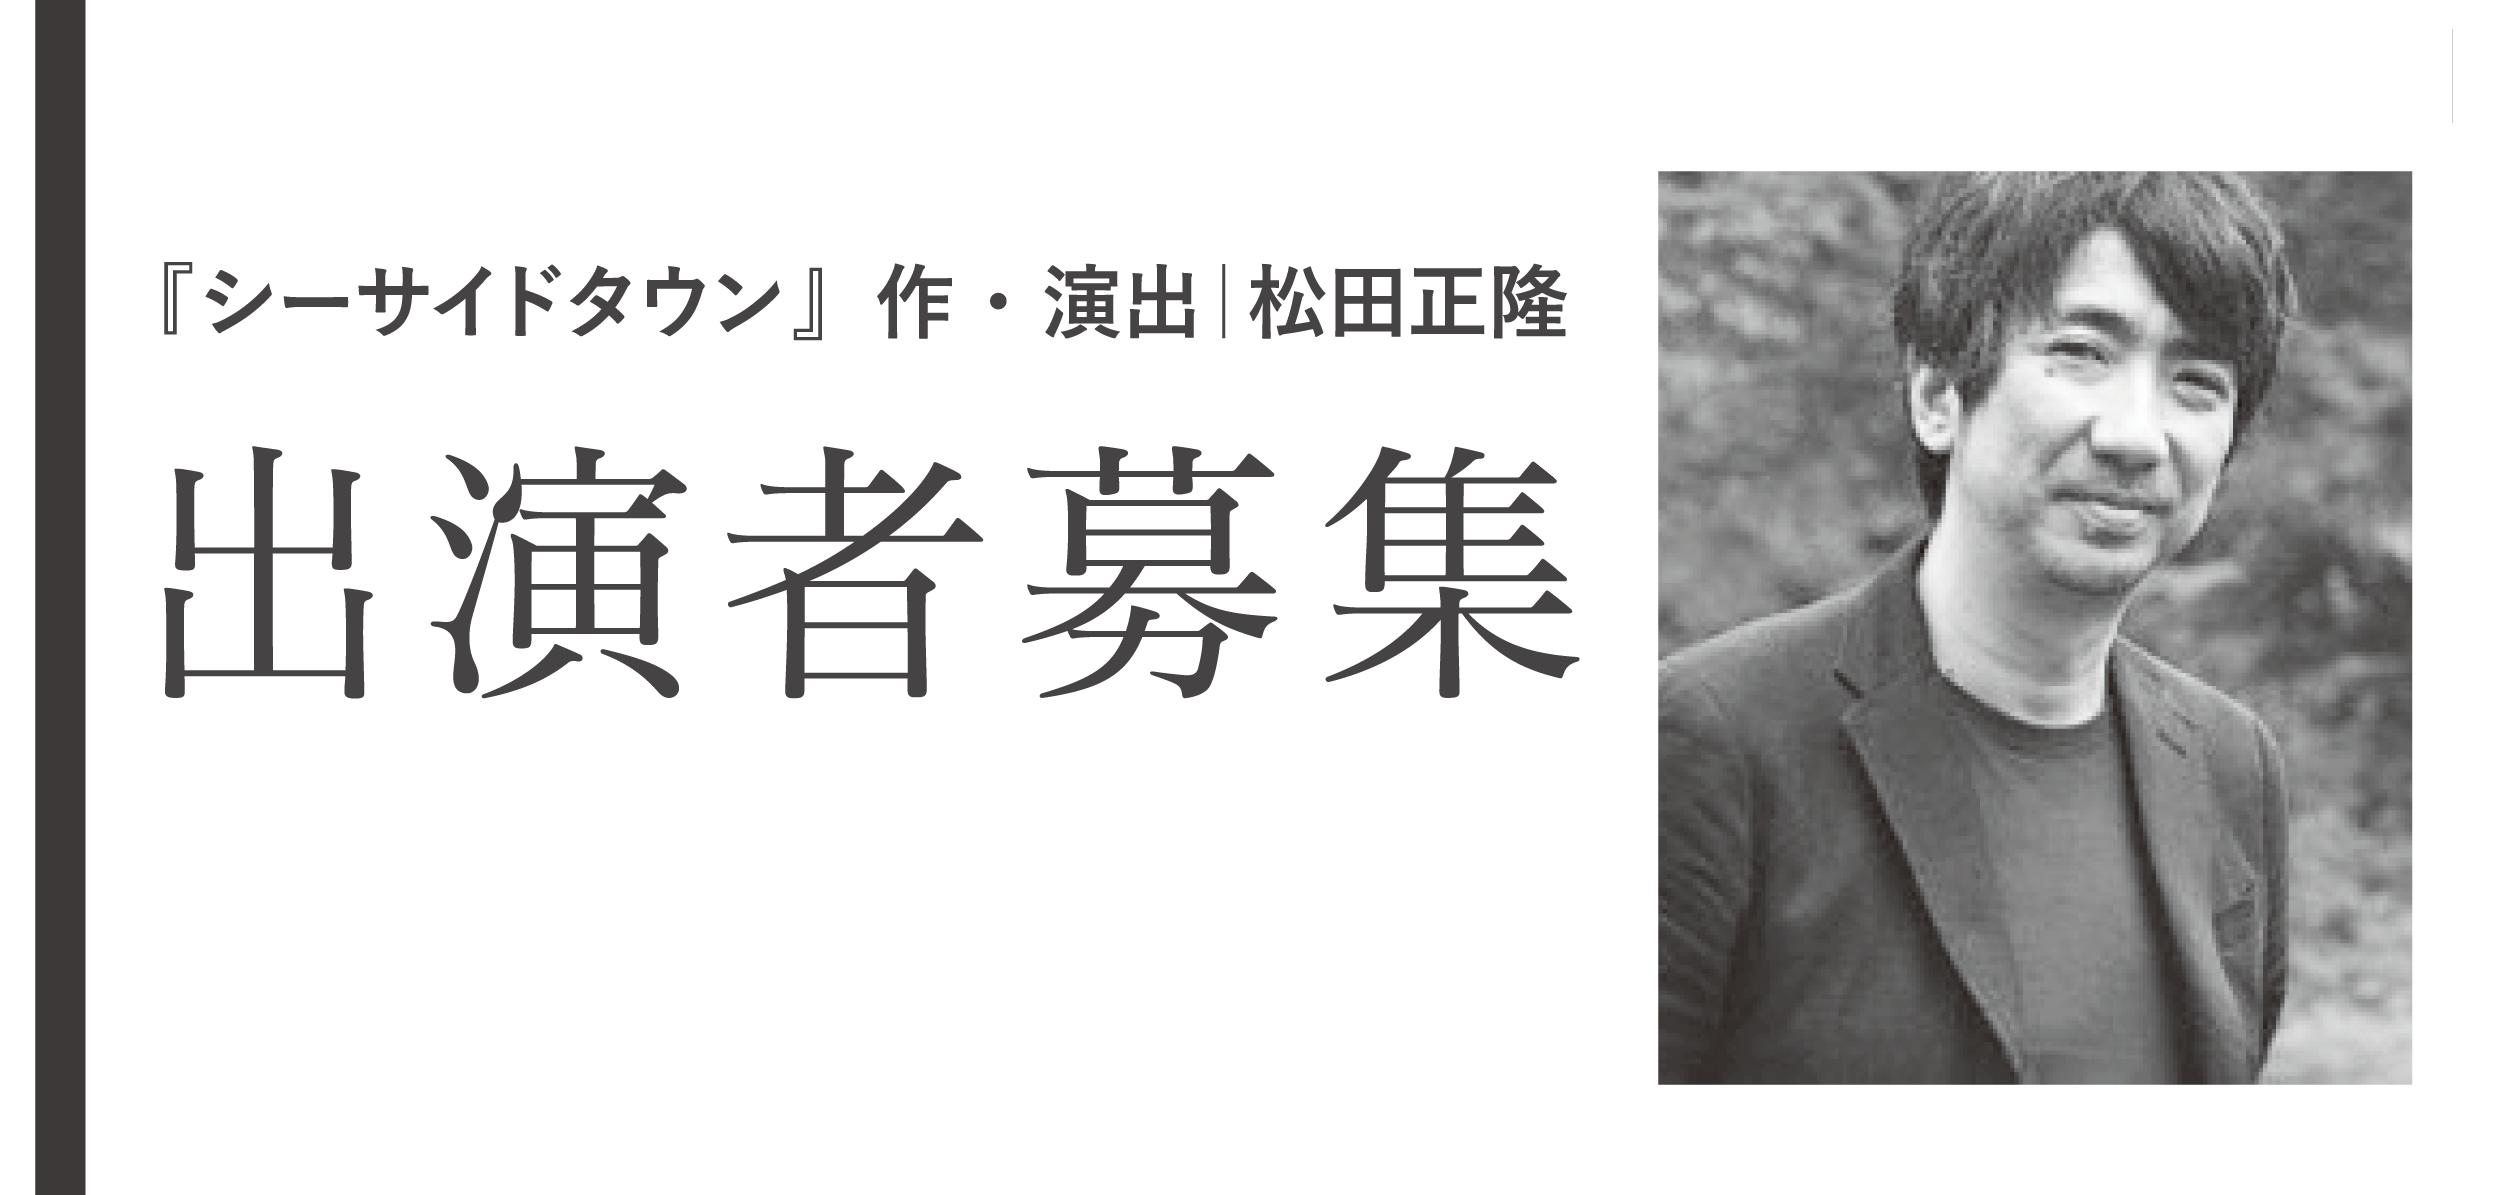 『シーサイドタウン』作・演出:松田正隆  出演者募集